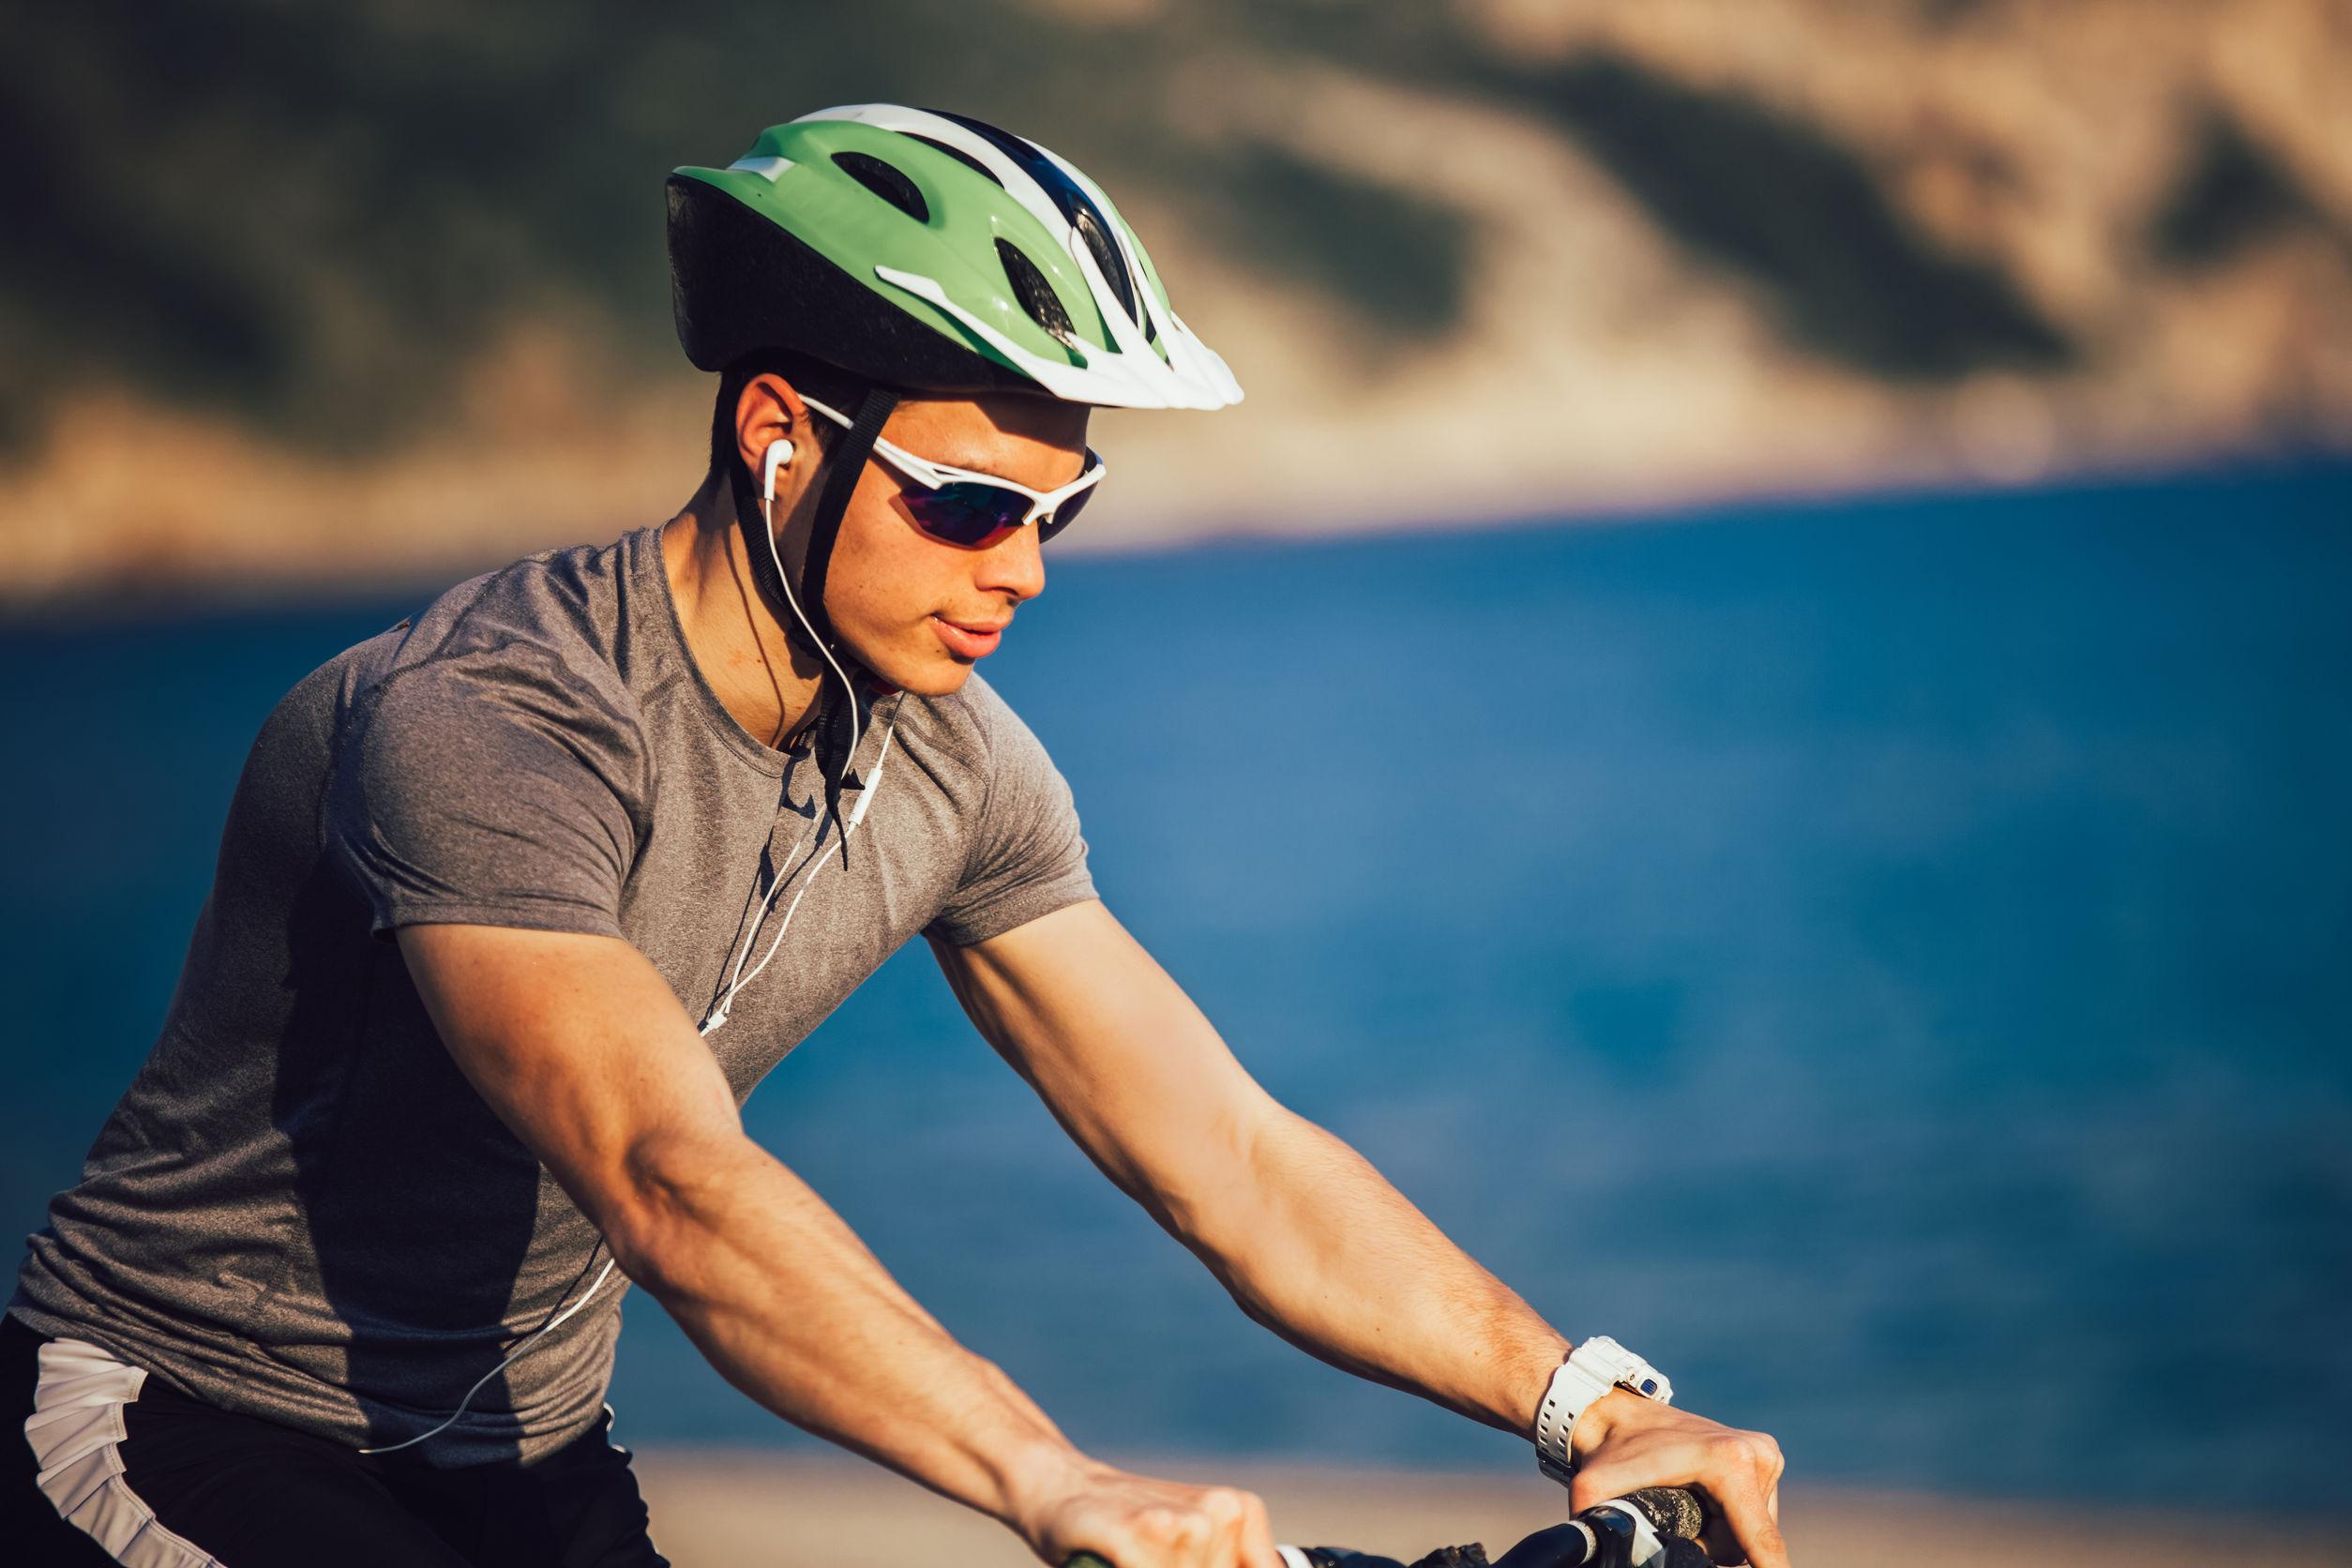 Casco bicicletta